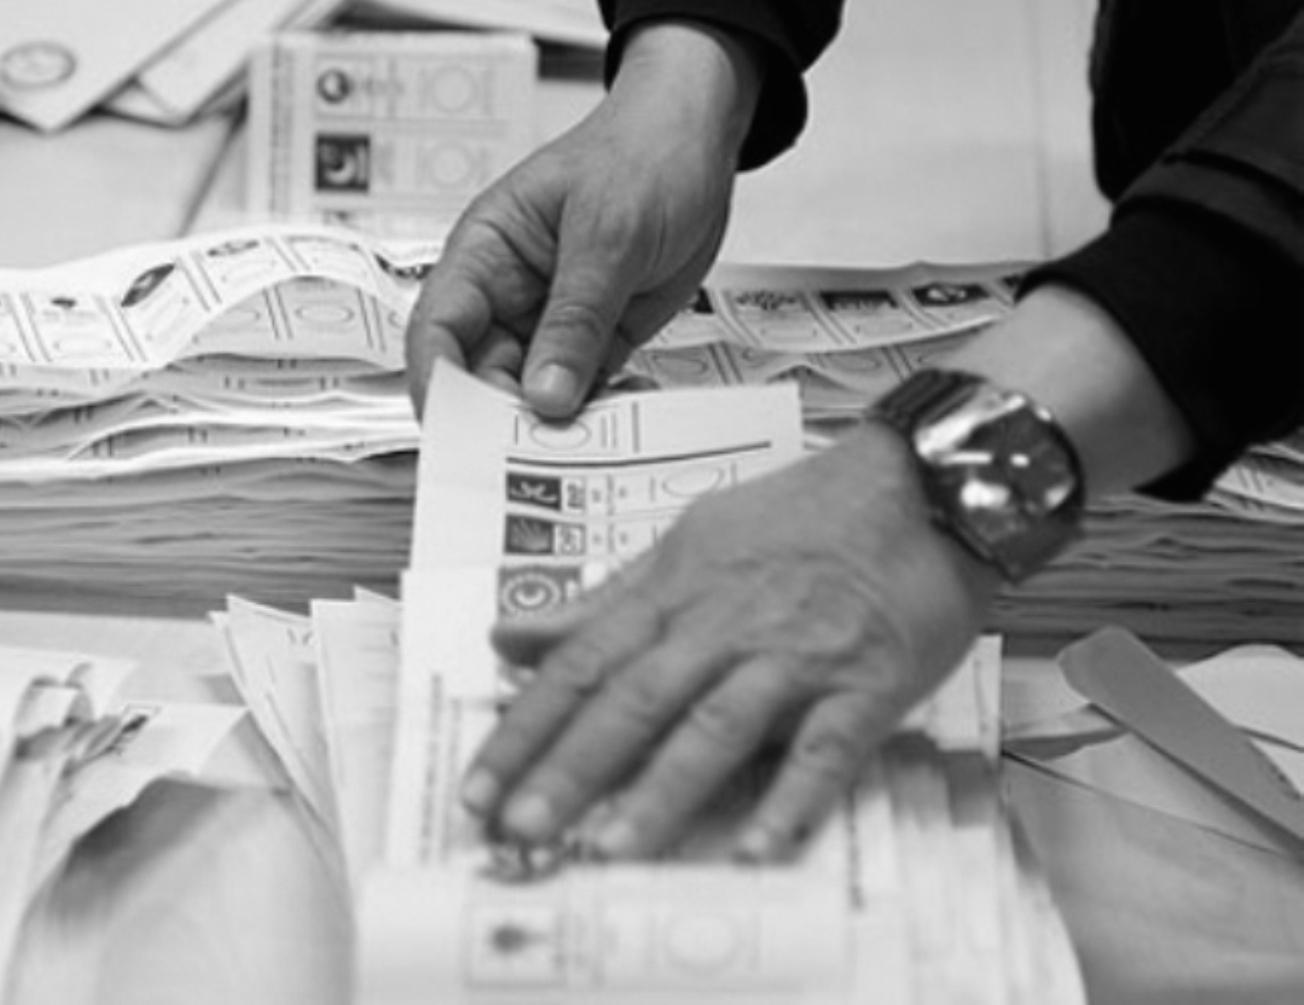 Türkiye'deki seçimler hileli miydi?*